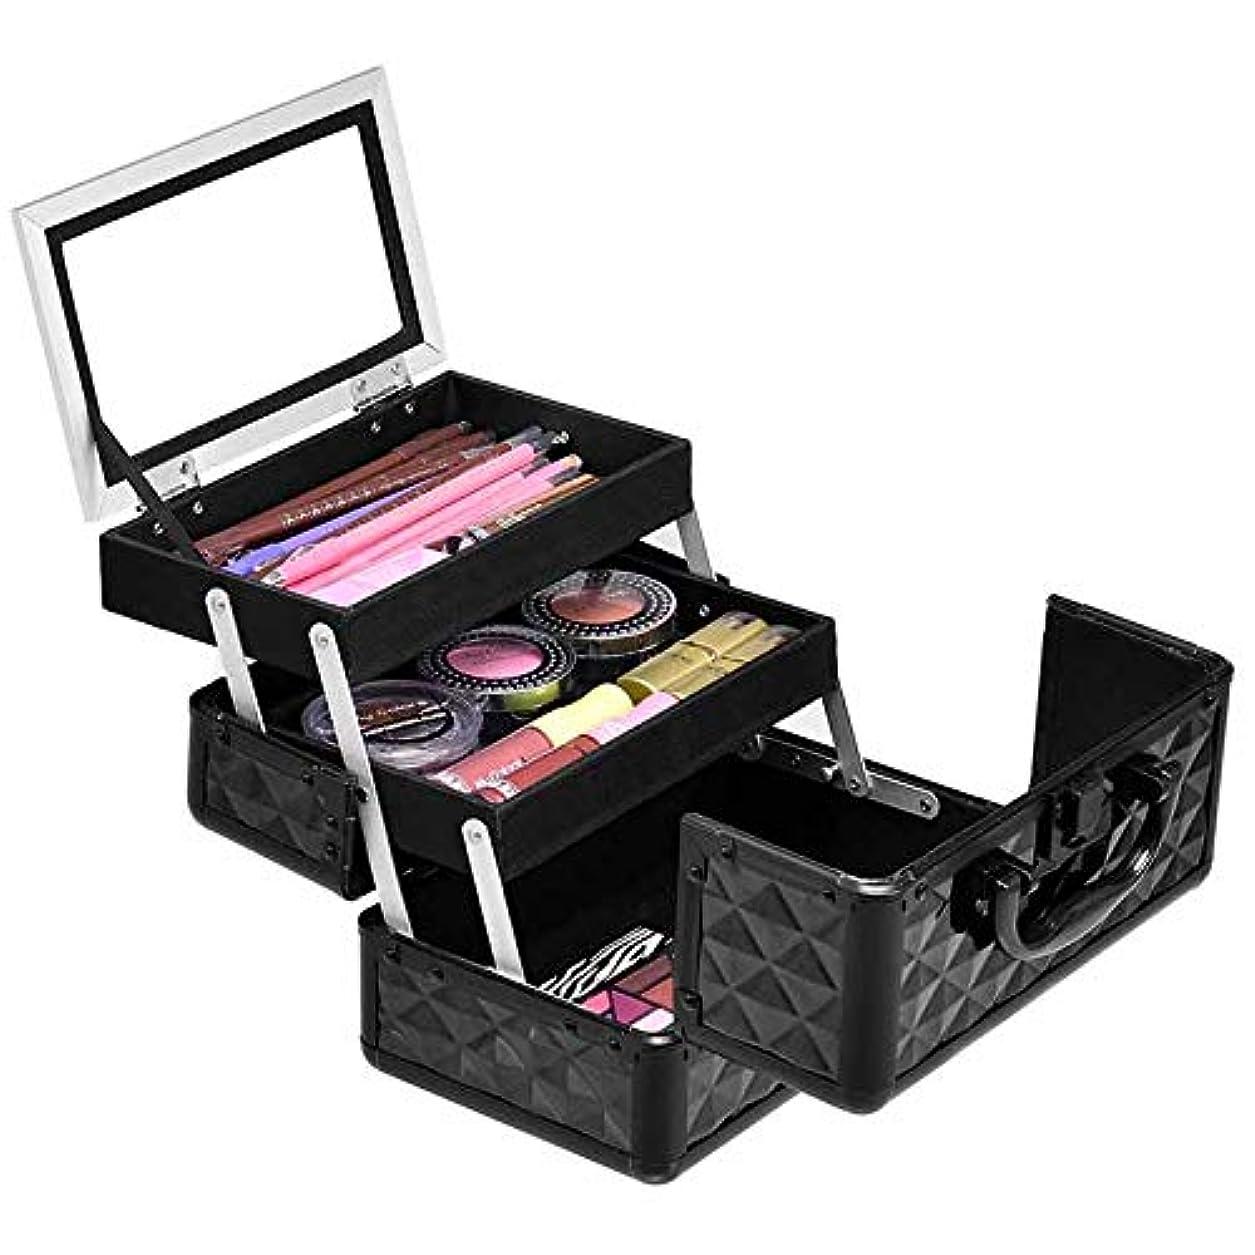 事業内容ラッシュ層Costway コスメボックス メイクボックス 鏡付き 大容量 持ち運び 化粧品収納ボックス プロ用 化粧箱 コスメ収納ボックス ブラック